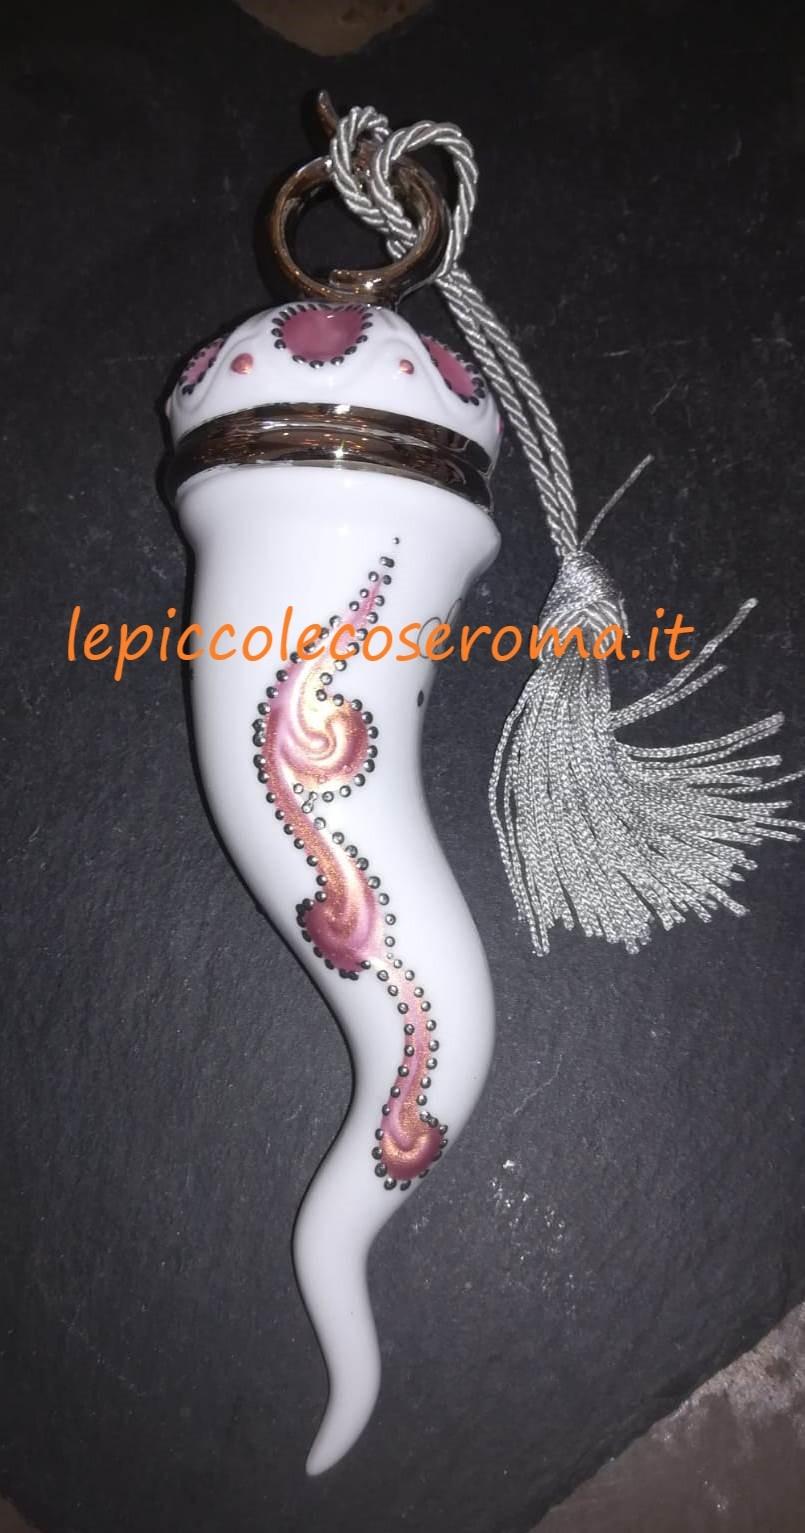 Corno in ceramica dipinto a mano, bianco, argentato e rosa con nappa grigia